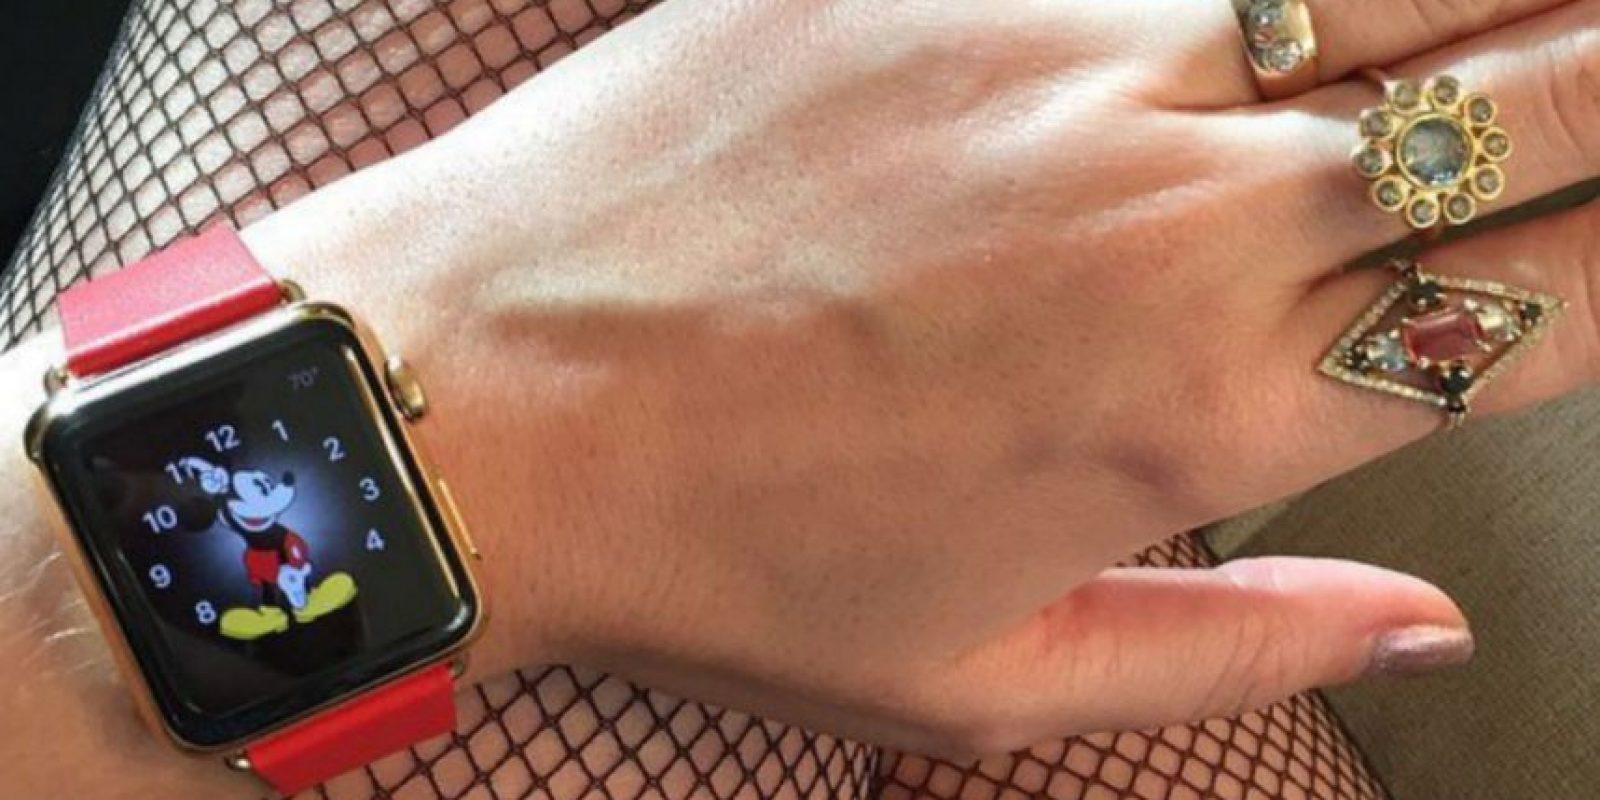 La cantante Katy Perry fue de las primeras en mostrar el Apple Watch antes de su preventa. Foto:instagram.com/katyperry/